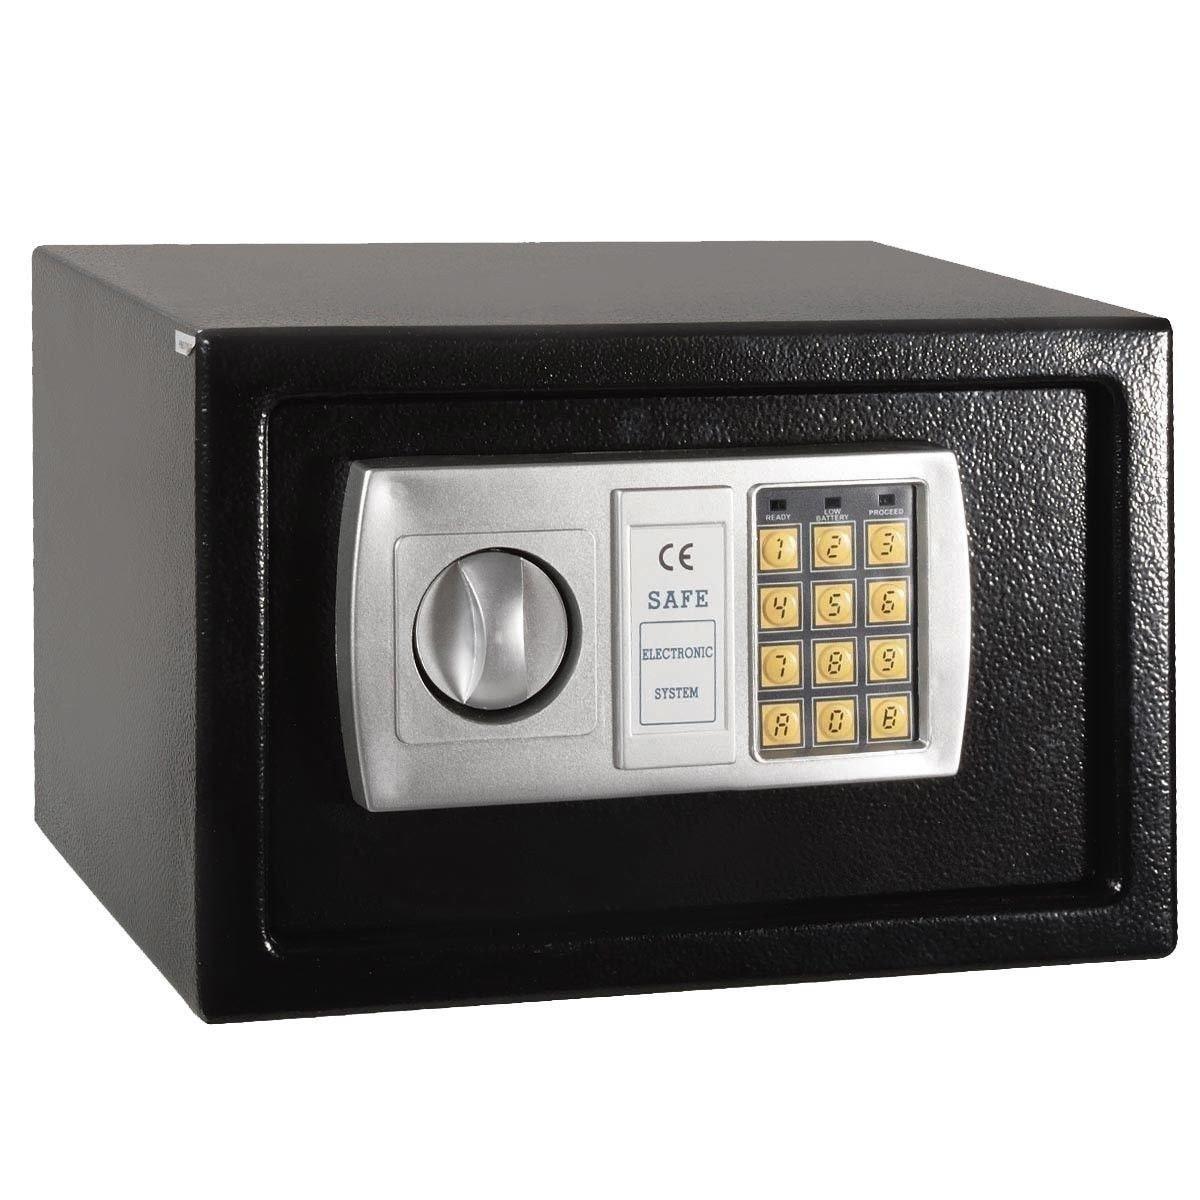 Safe Box Digital Lock Electronic Keypad 12.5'' Black Solid Steel Home Office Cash Safety Storage Vault MD Group